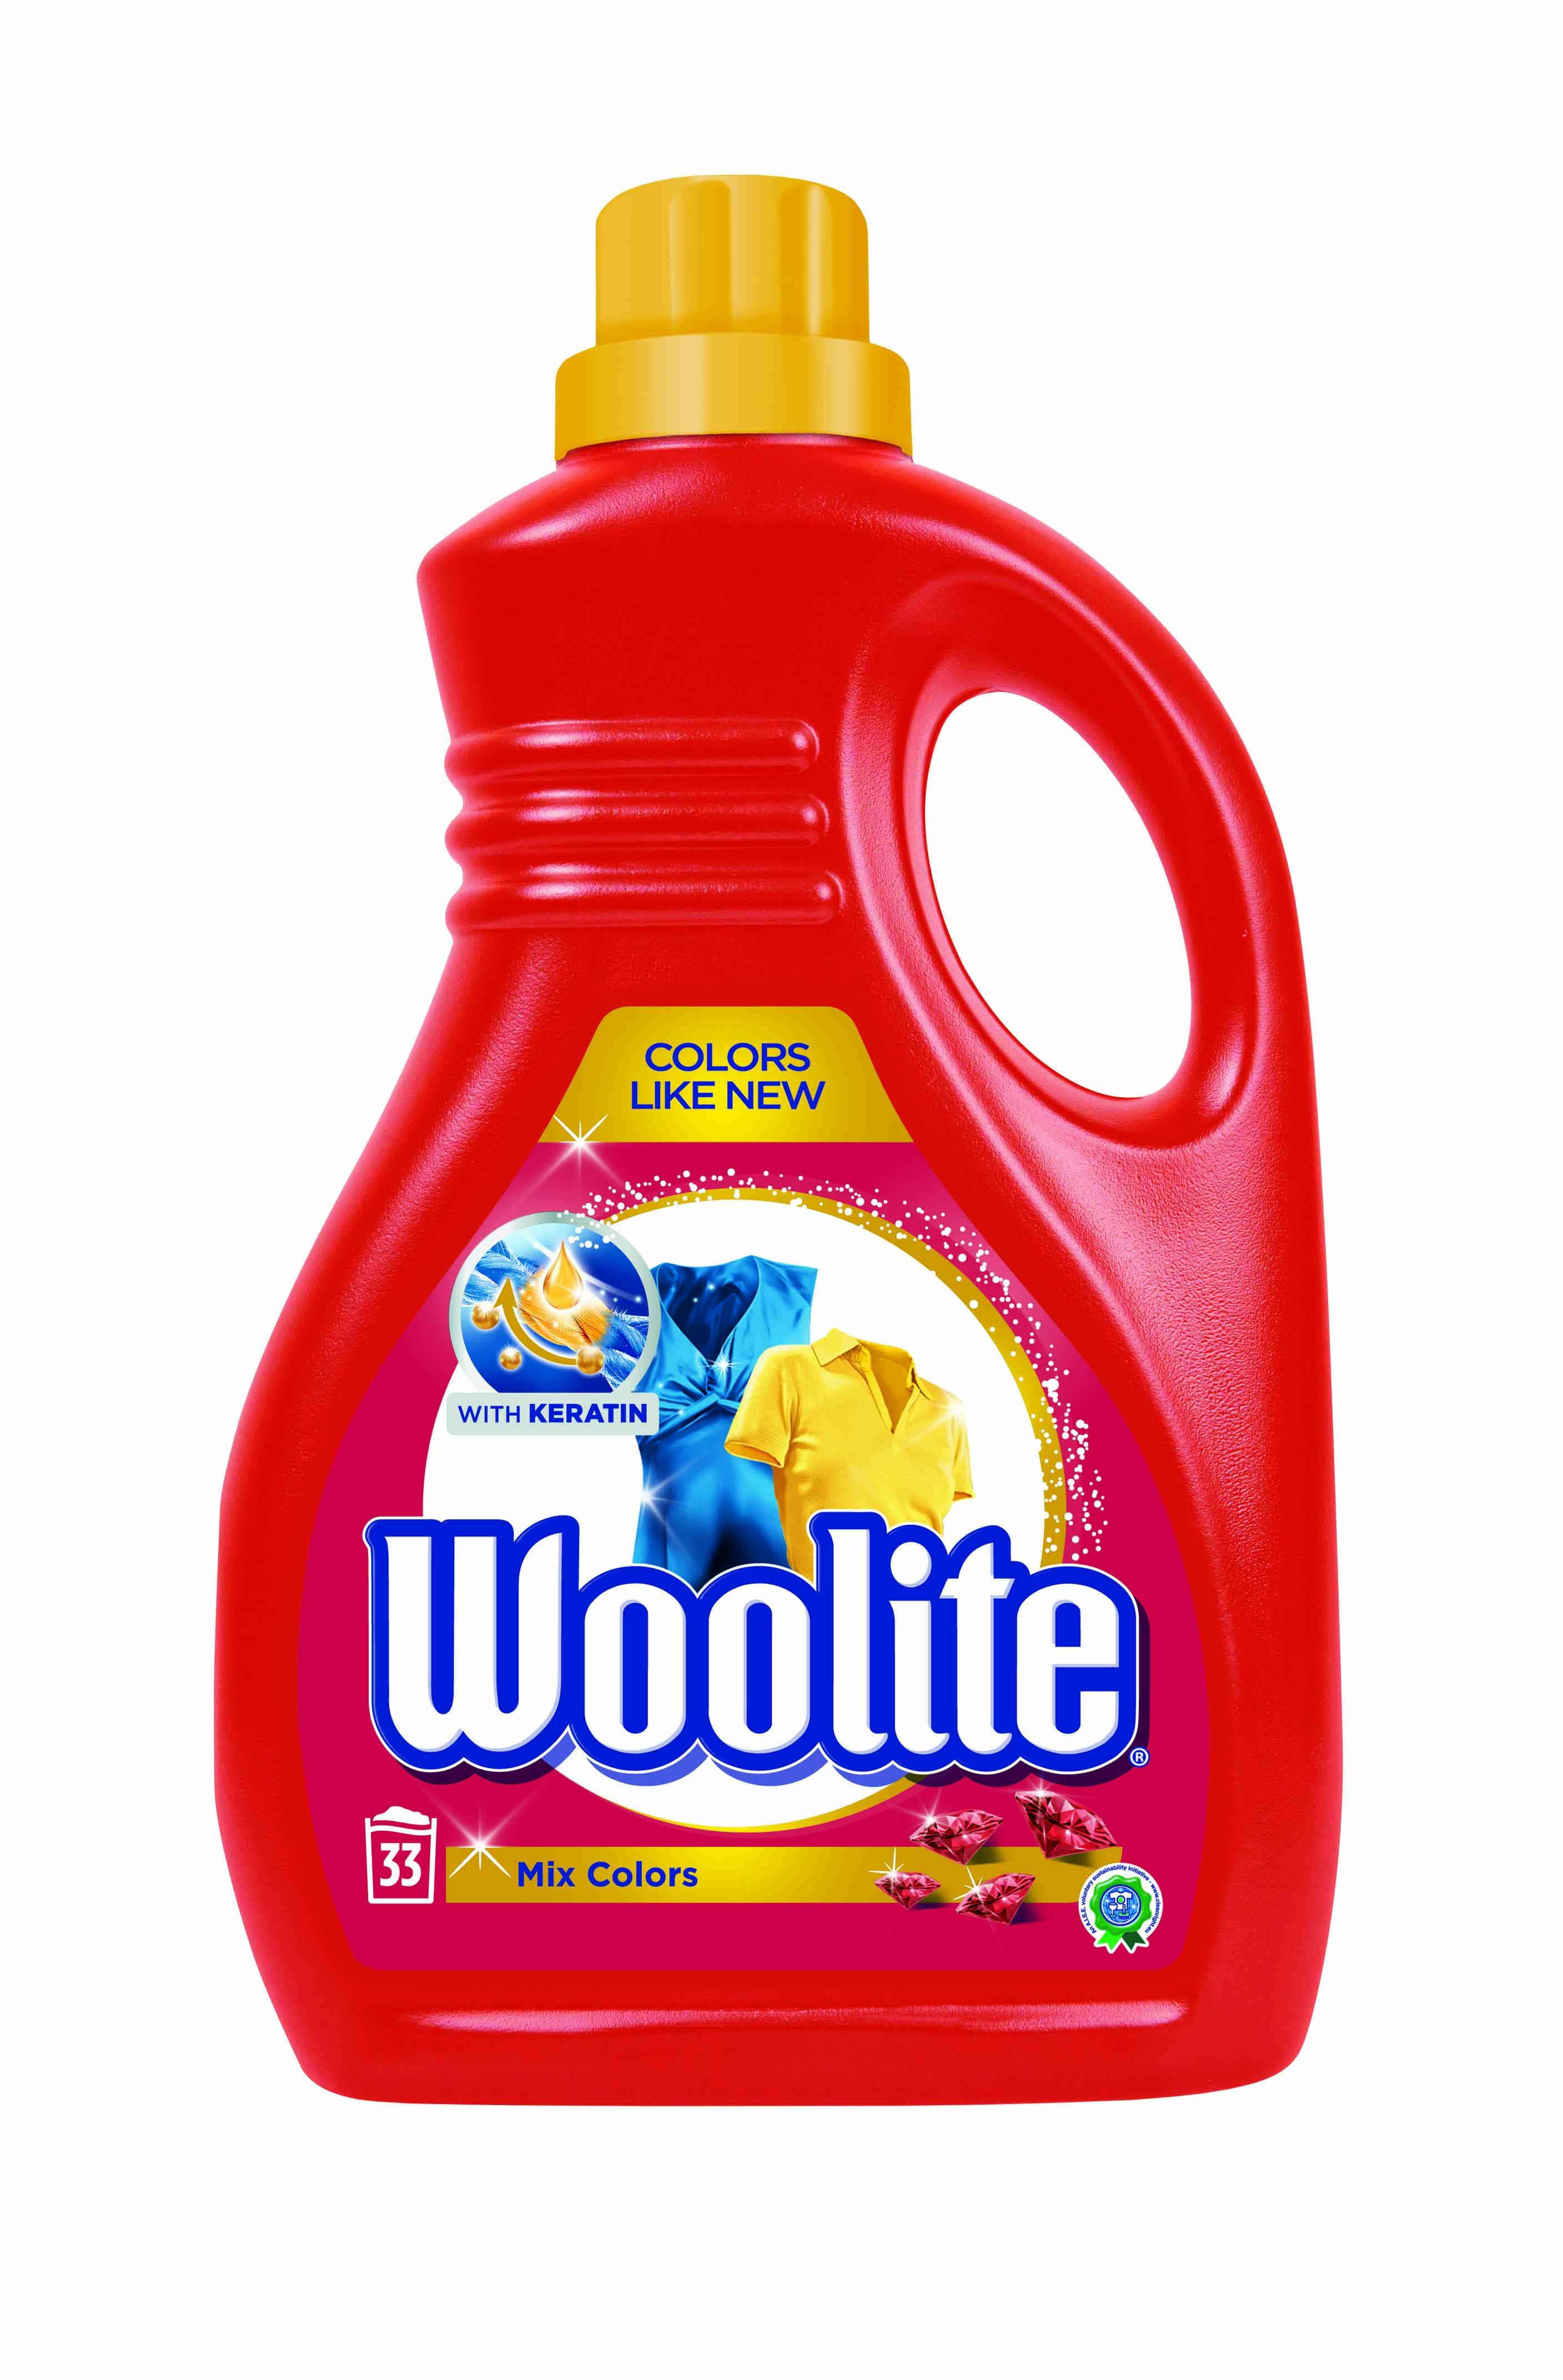 Woolite Mix Colors s keratinem tekutý prací prostředek na barevné prádlo, 33 praní 2 l